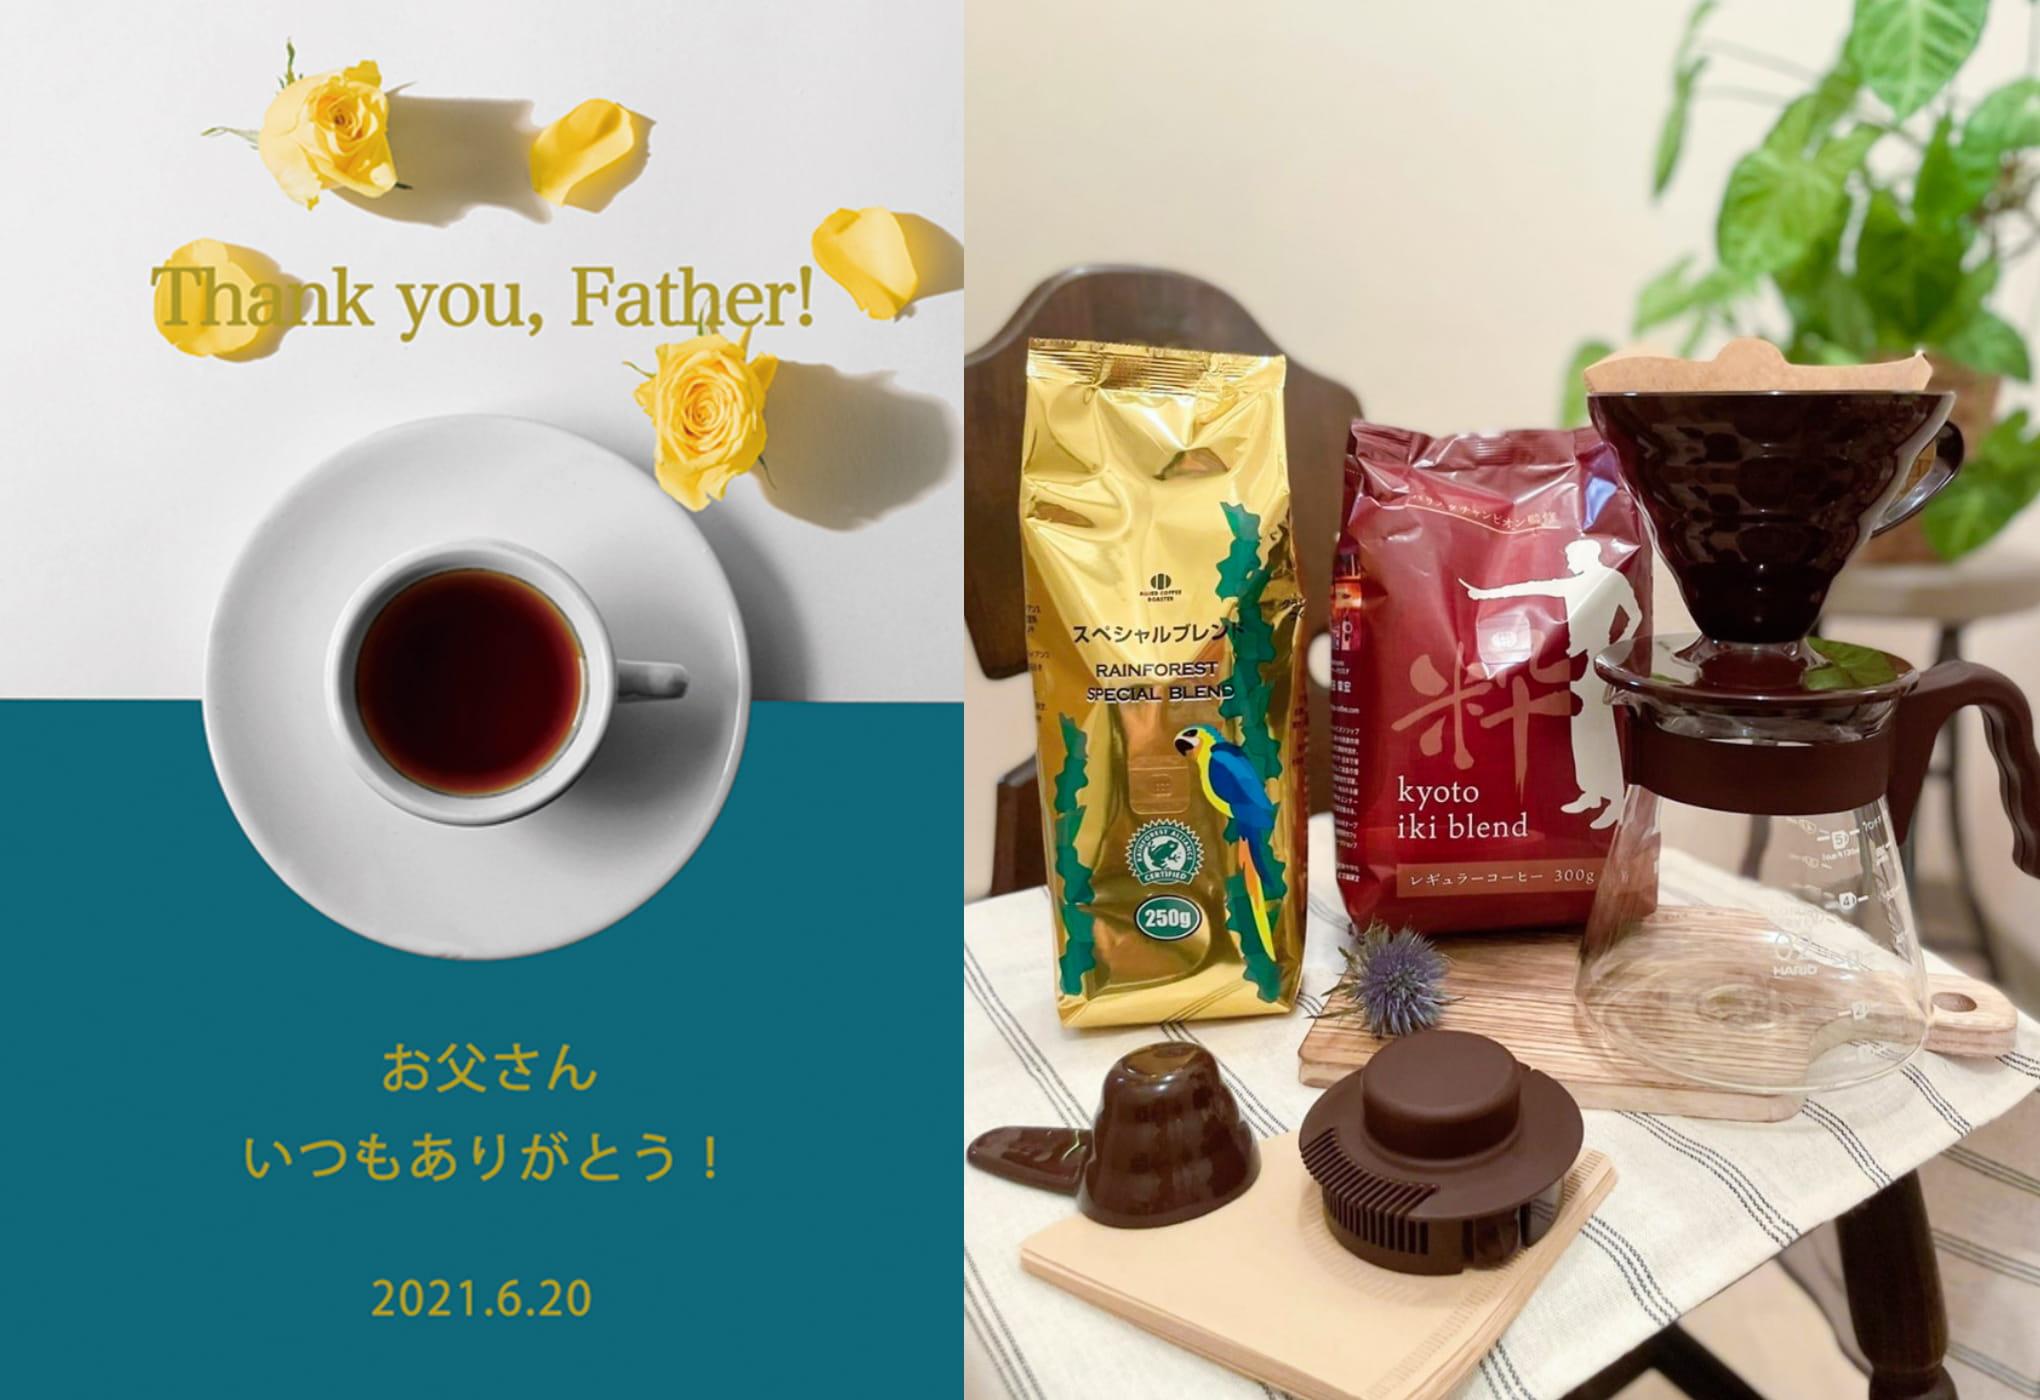 Thank you, Father! おとうさん、いつもありがとう! 2021.6.20